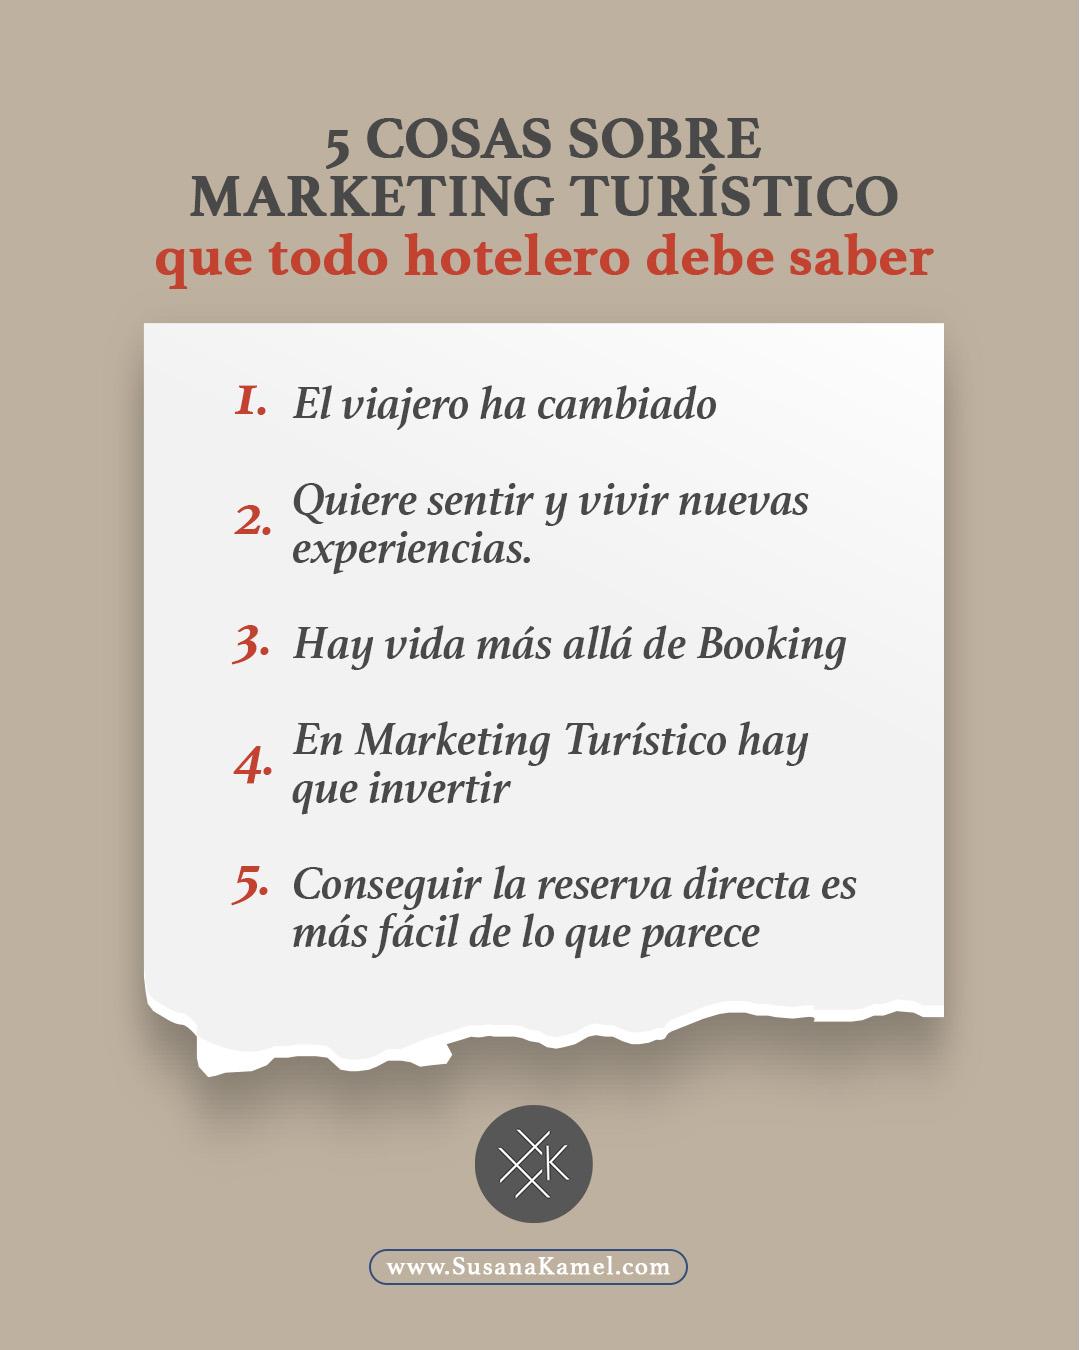 5 cosas sobre Marketing Turístico